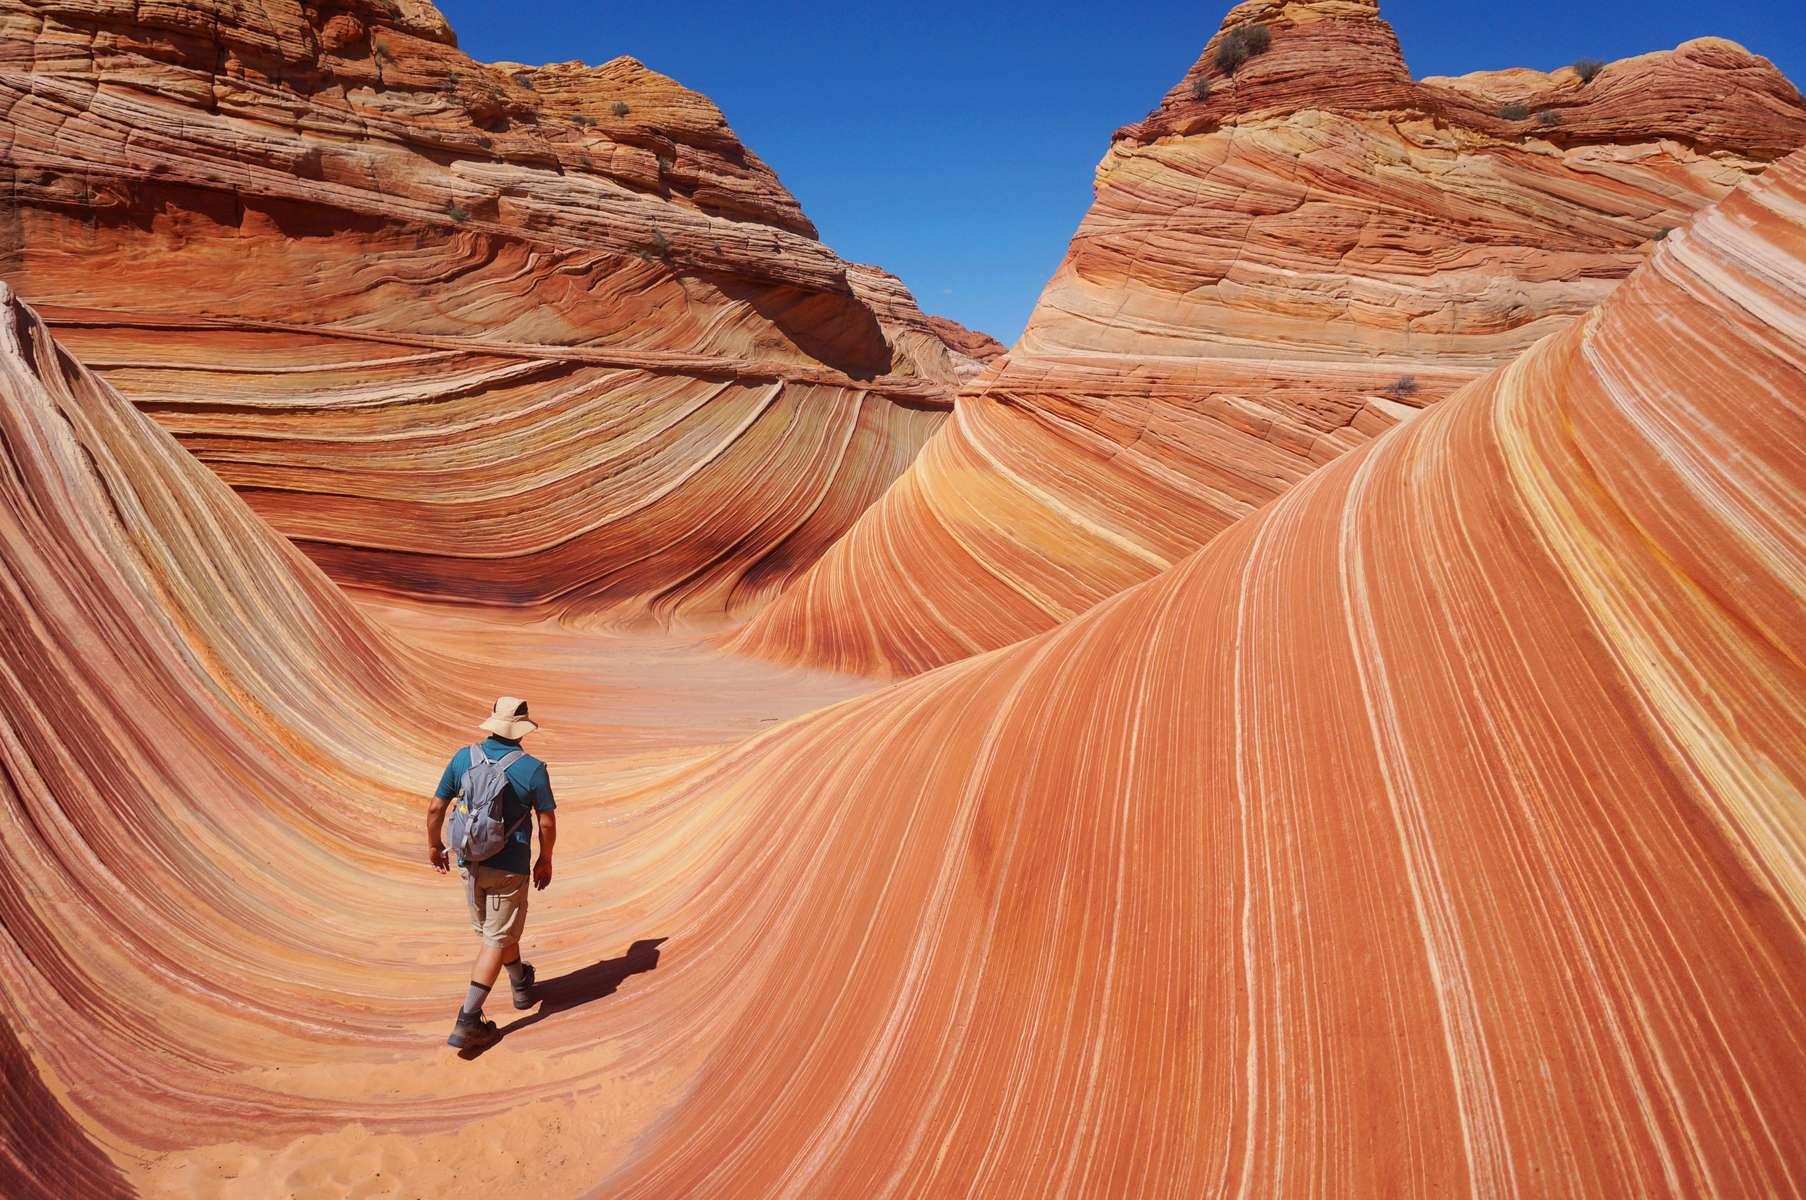 The Wave, Paria Canyon-Vermilion Cliffs Wilderness Area